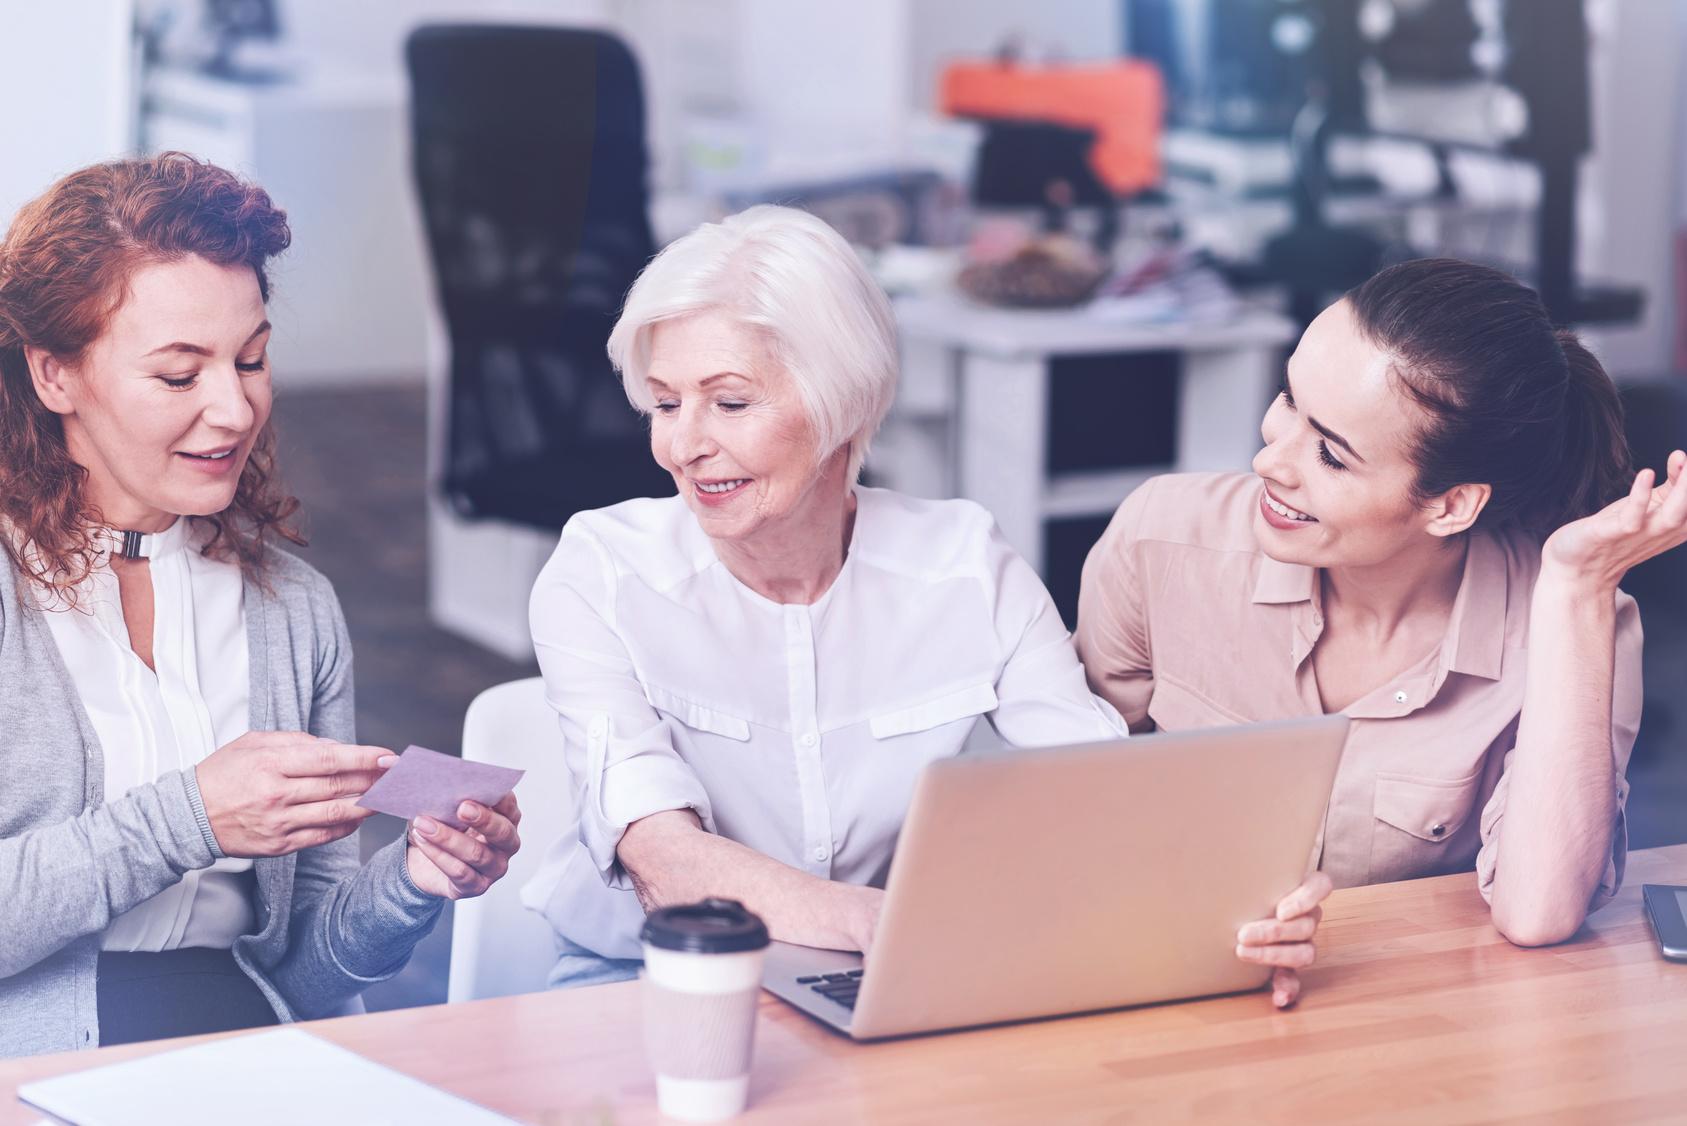 Foto zeigt ein Beispiel für gutesPersonalmanagement durch die Einbindung älterer Mitarbeiter